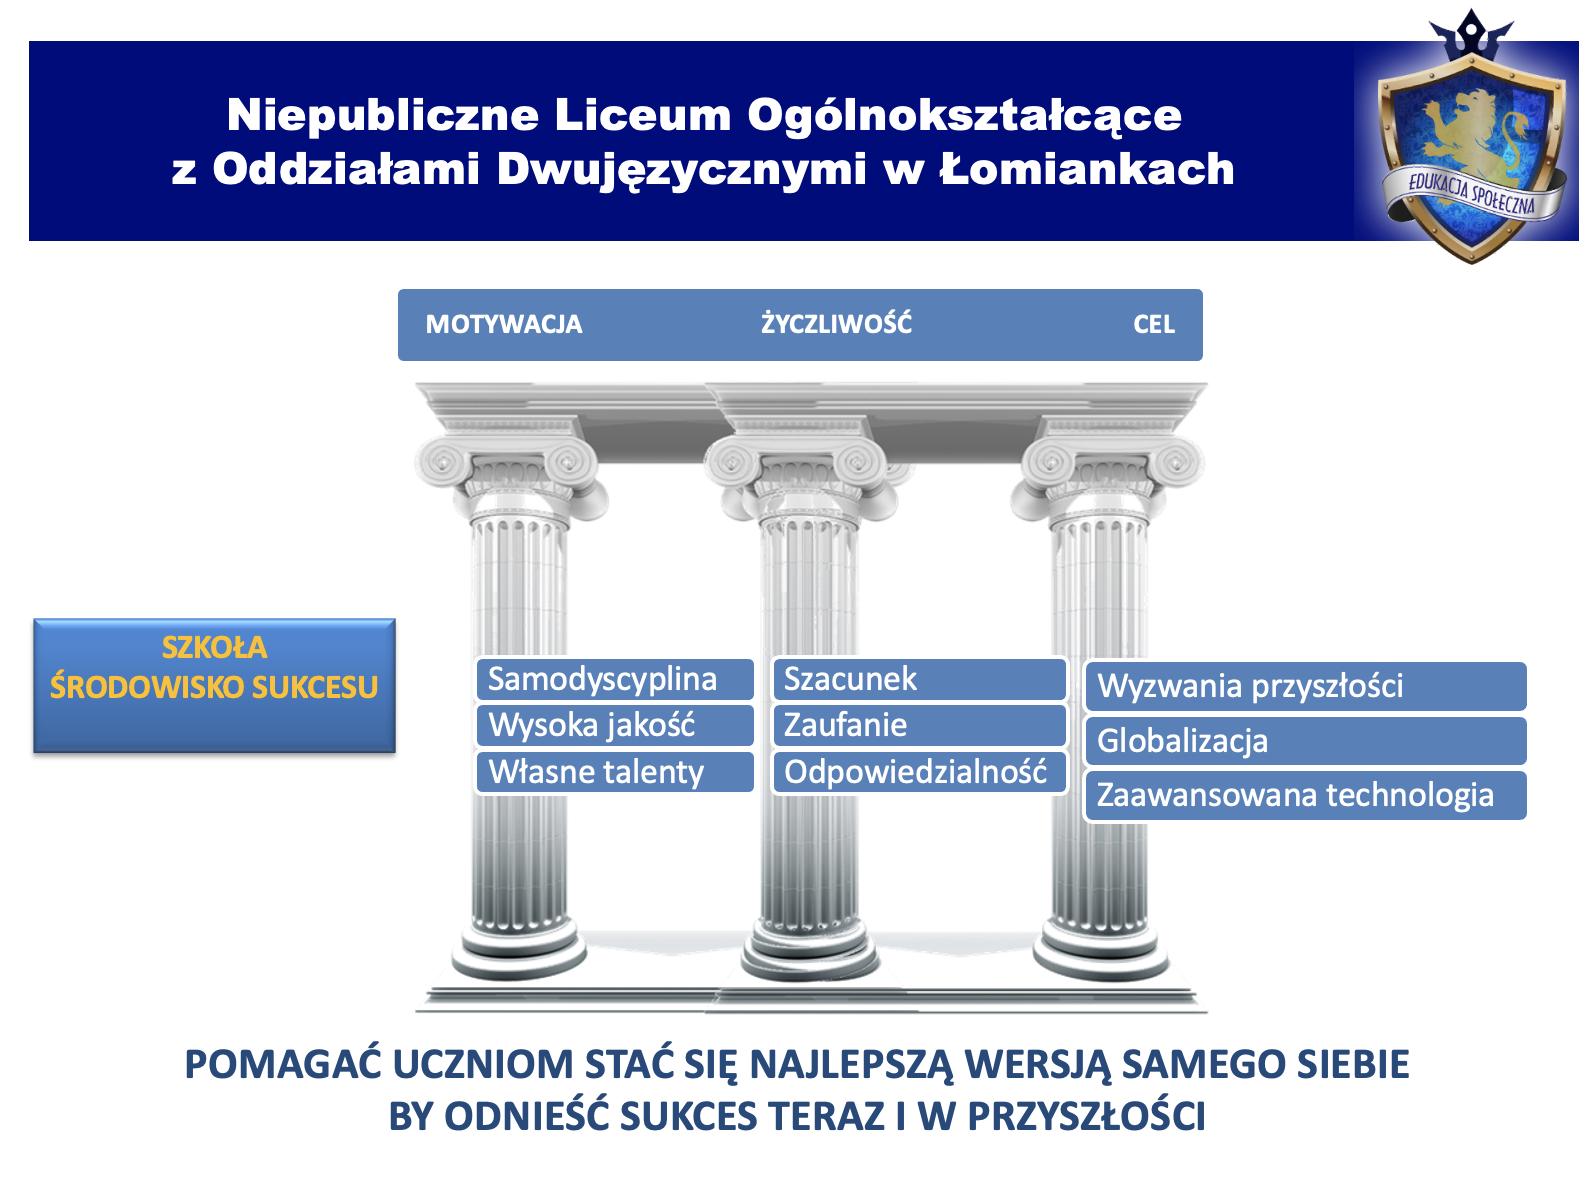 Niepubliczne Liceum Ogólnokształcące z oddziałami dwujęzycznymi w Łomiankach